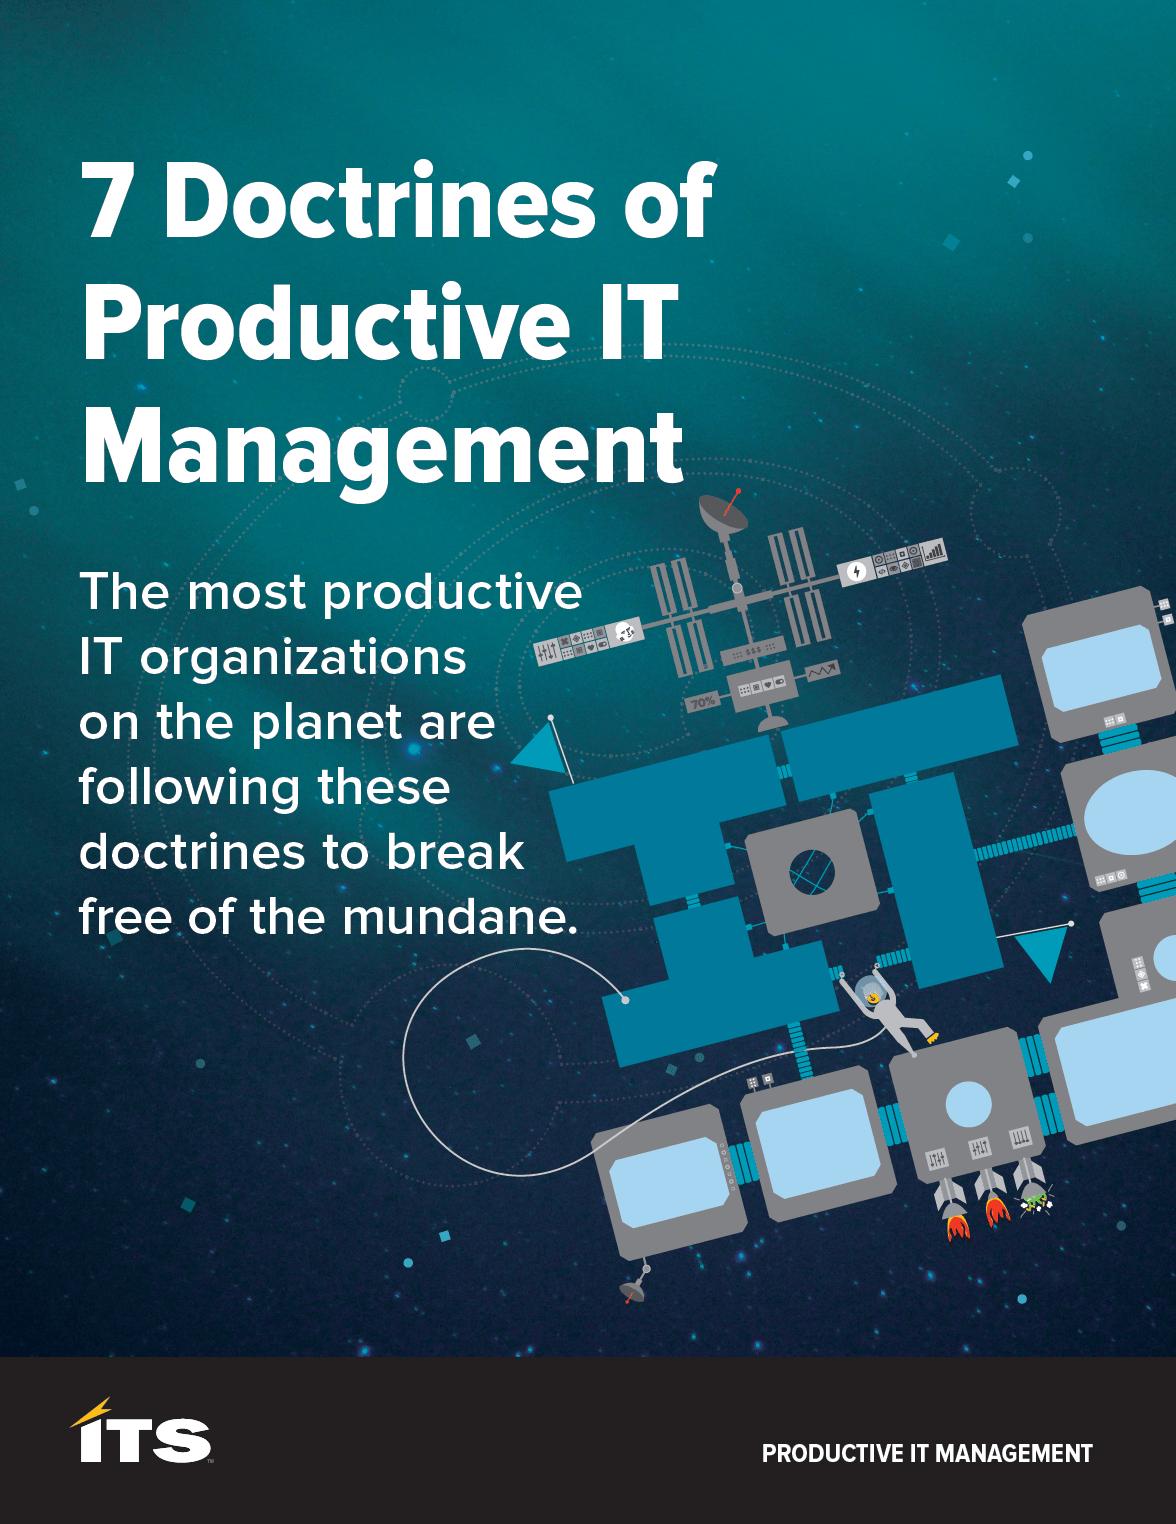 Productive IT Management